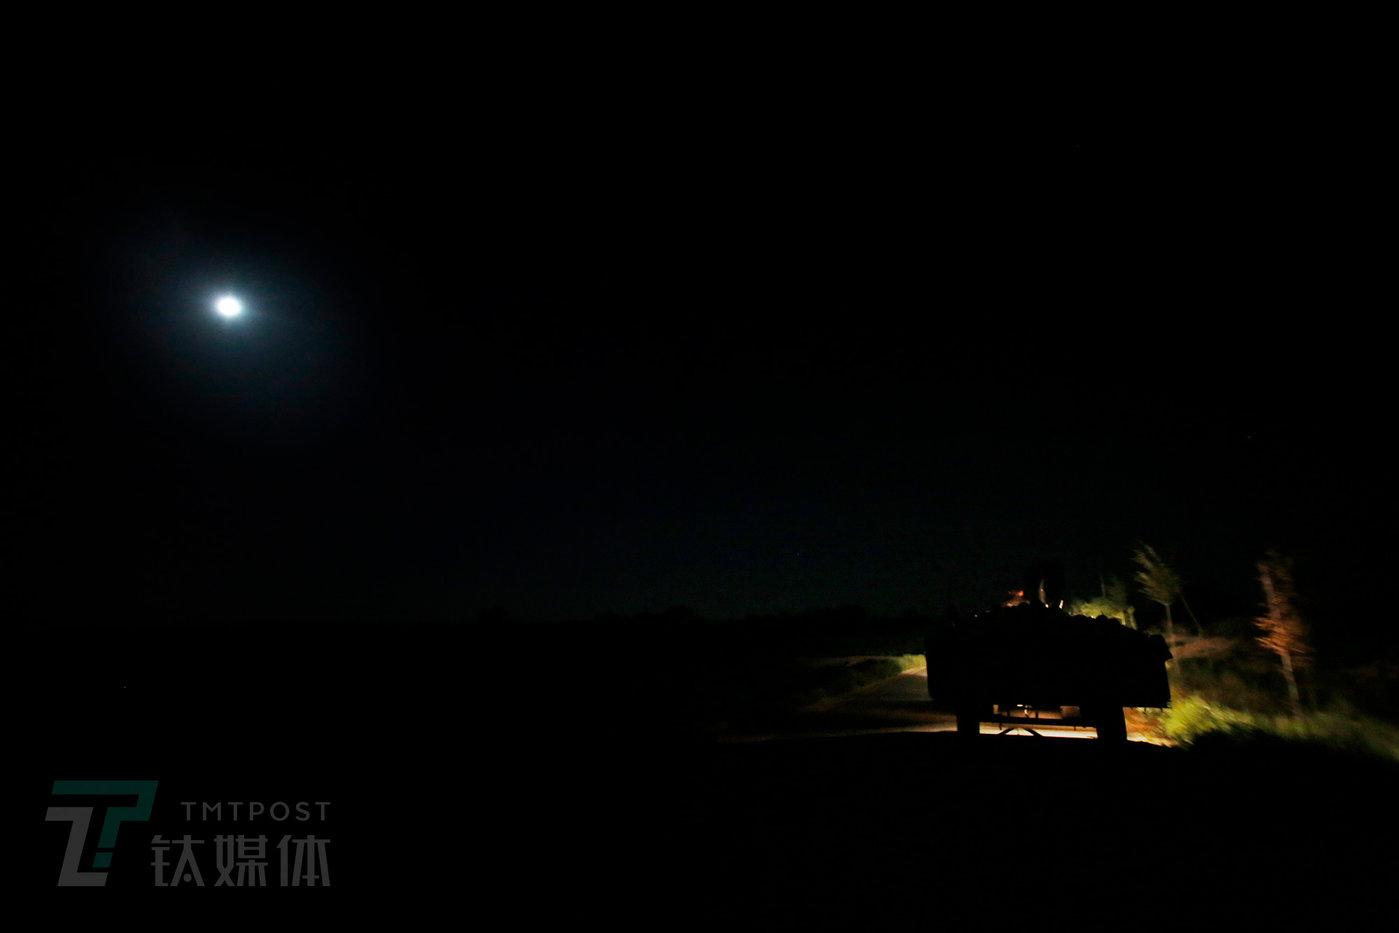 早上5点,气温只有10度出头,月光下,薛志明拉着一车瓜从村里赶往收成镇。从村里到镇上13公里,拖拉机满载有六千多斤,薛志明要开1个小时。他每天少则装2车,多的时候卖4到5车。